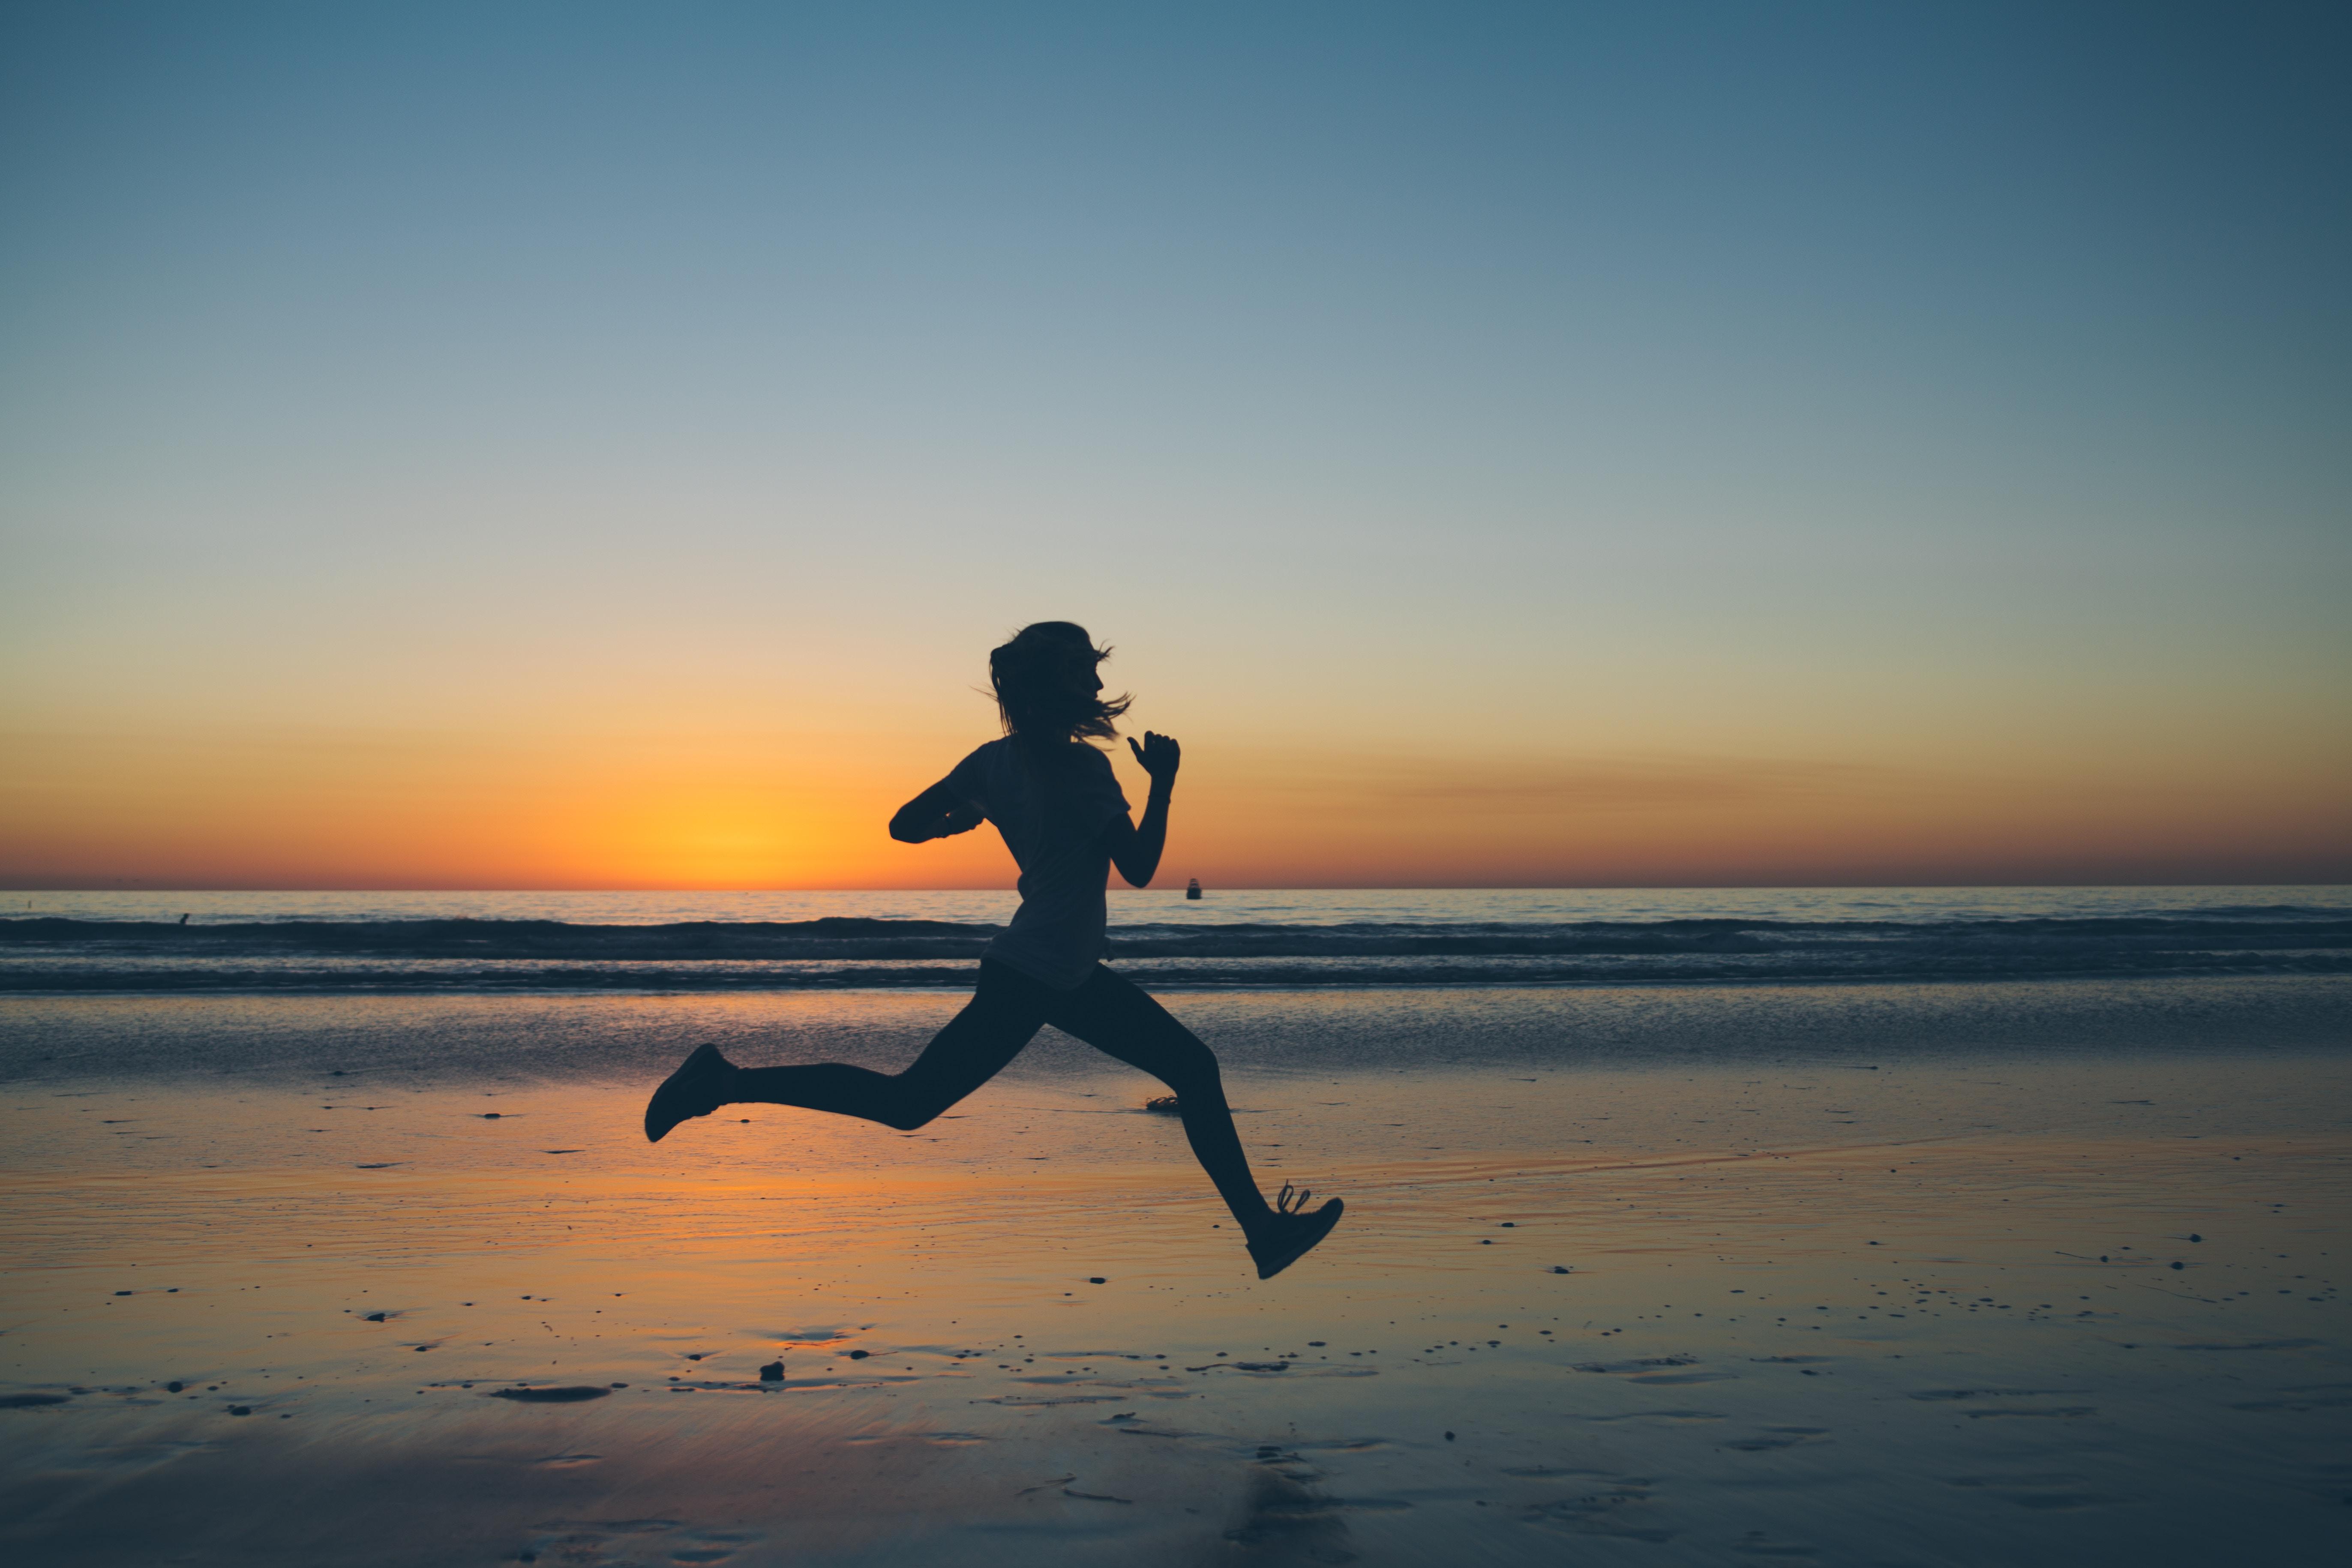 En löpare på stranden i soluppgången.